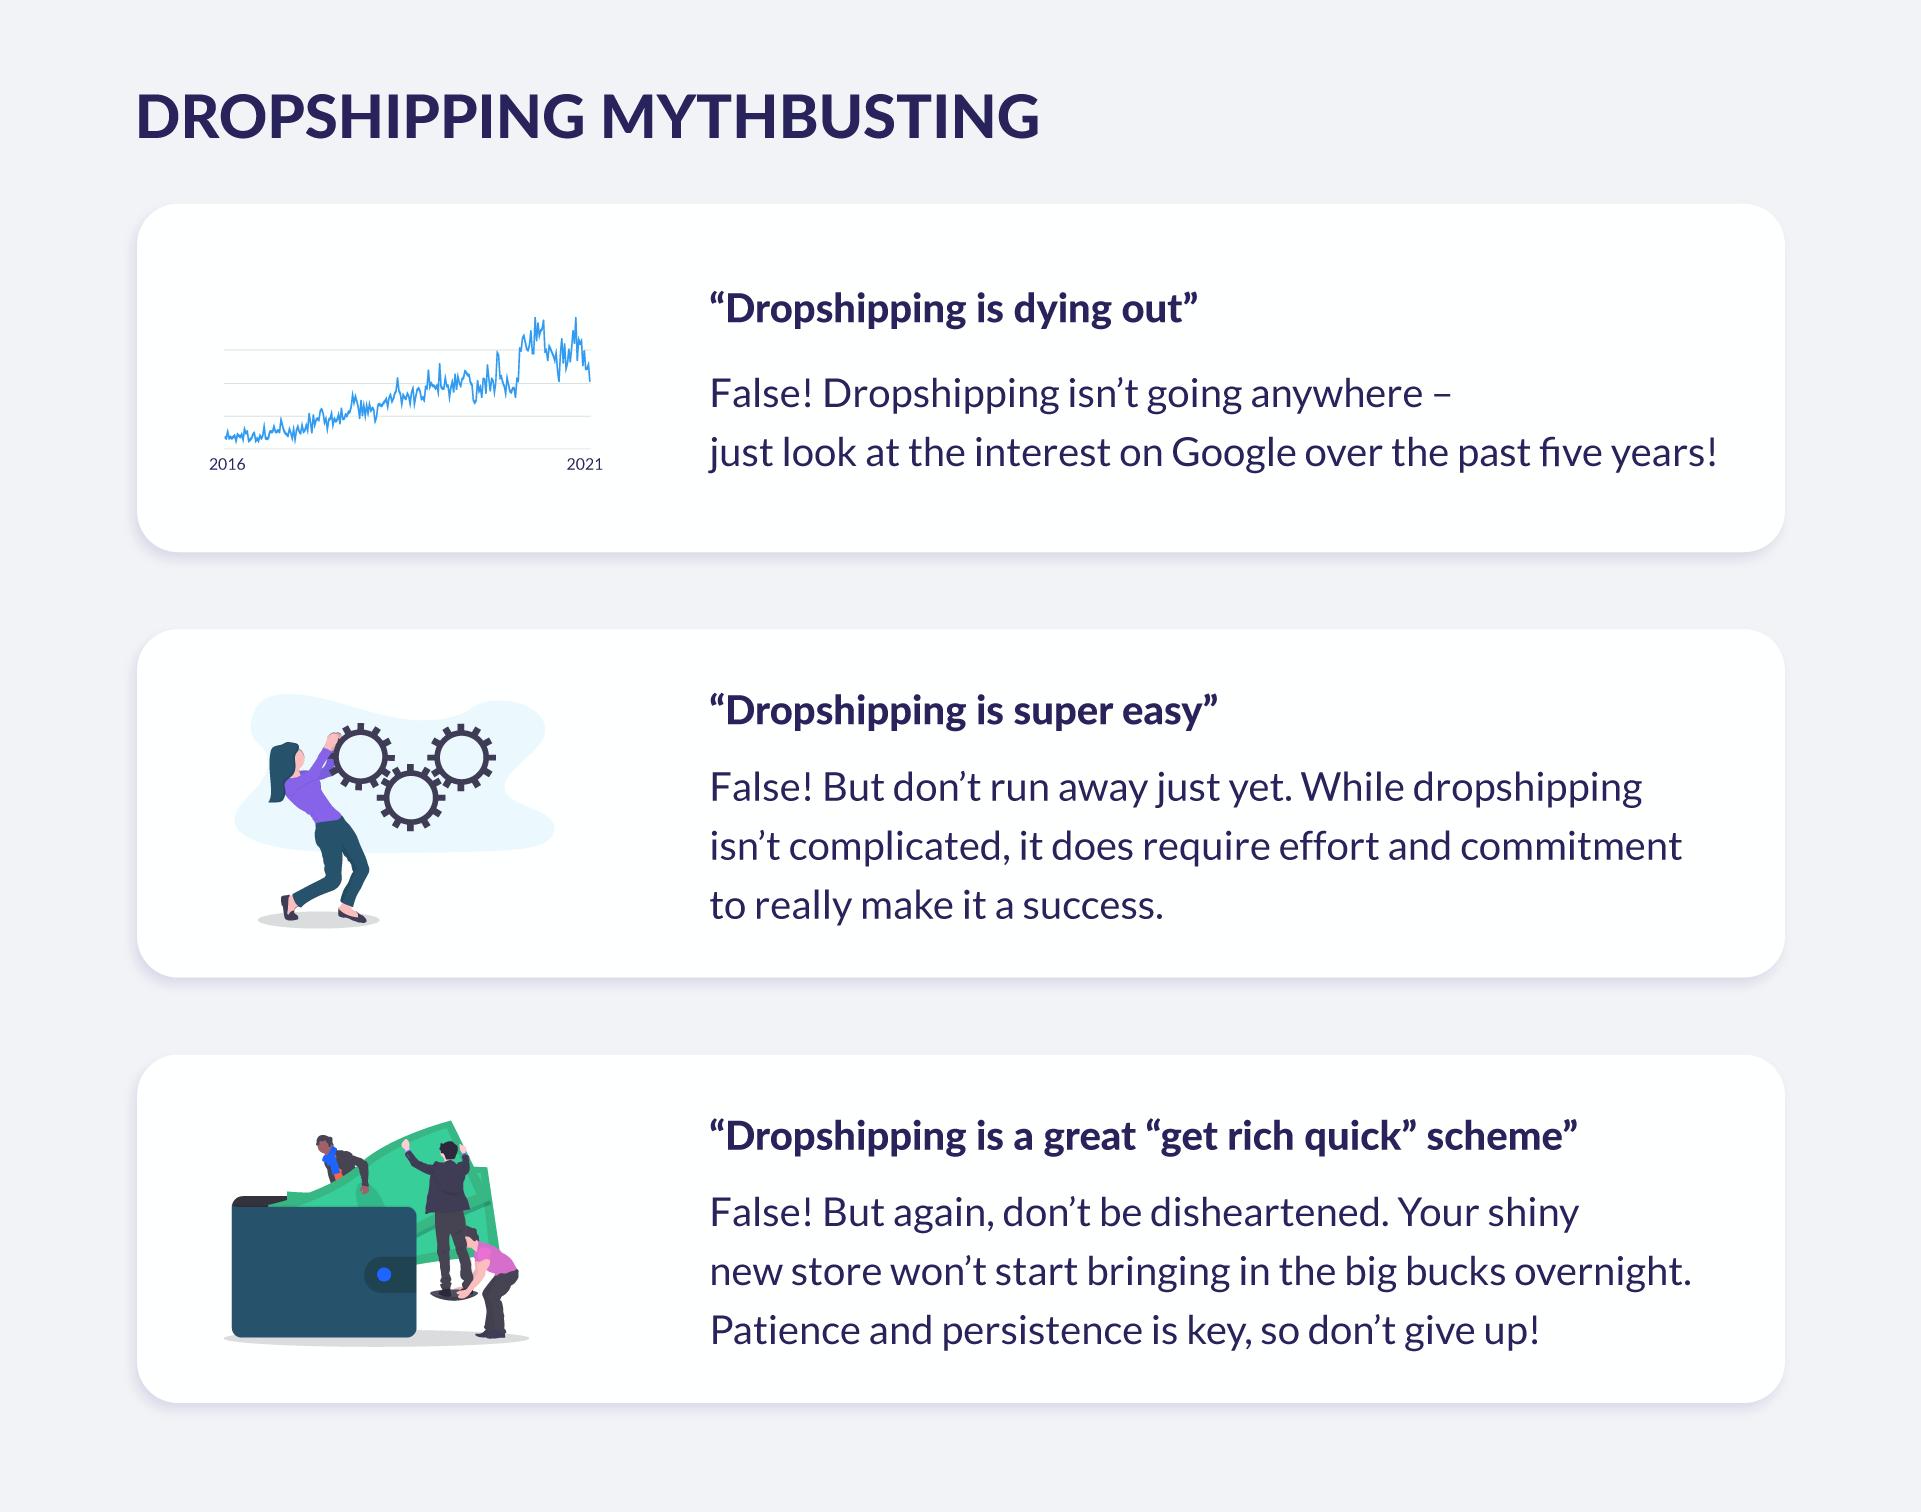 dropshipping myths debunked